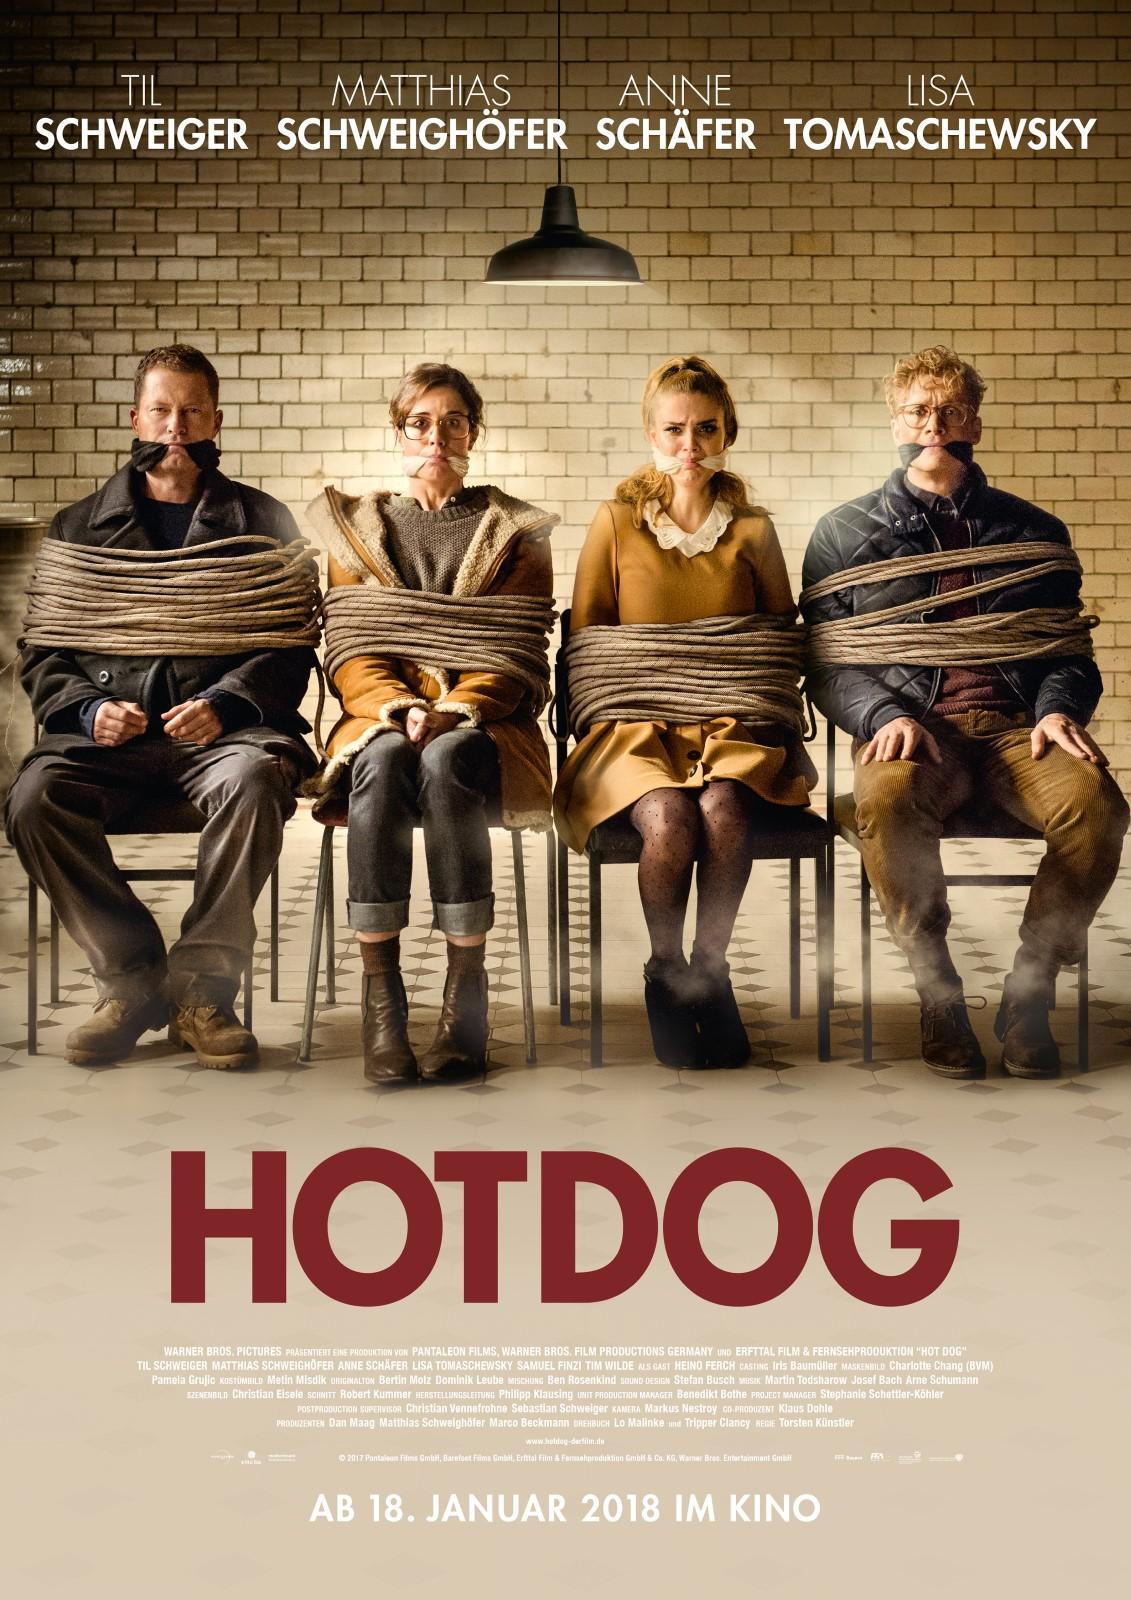 [普雷] 行動代號:熱狗 Hotdog (2018 德國片)